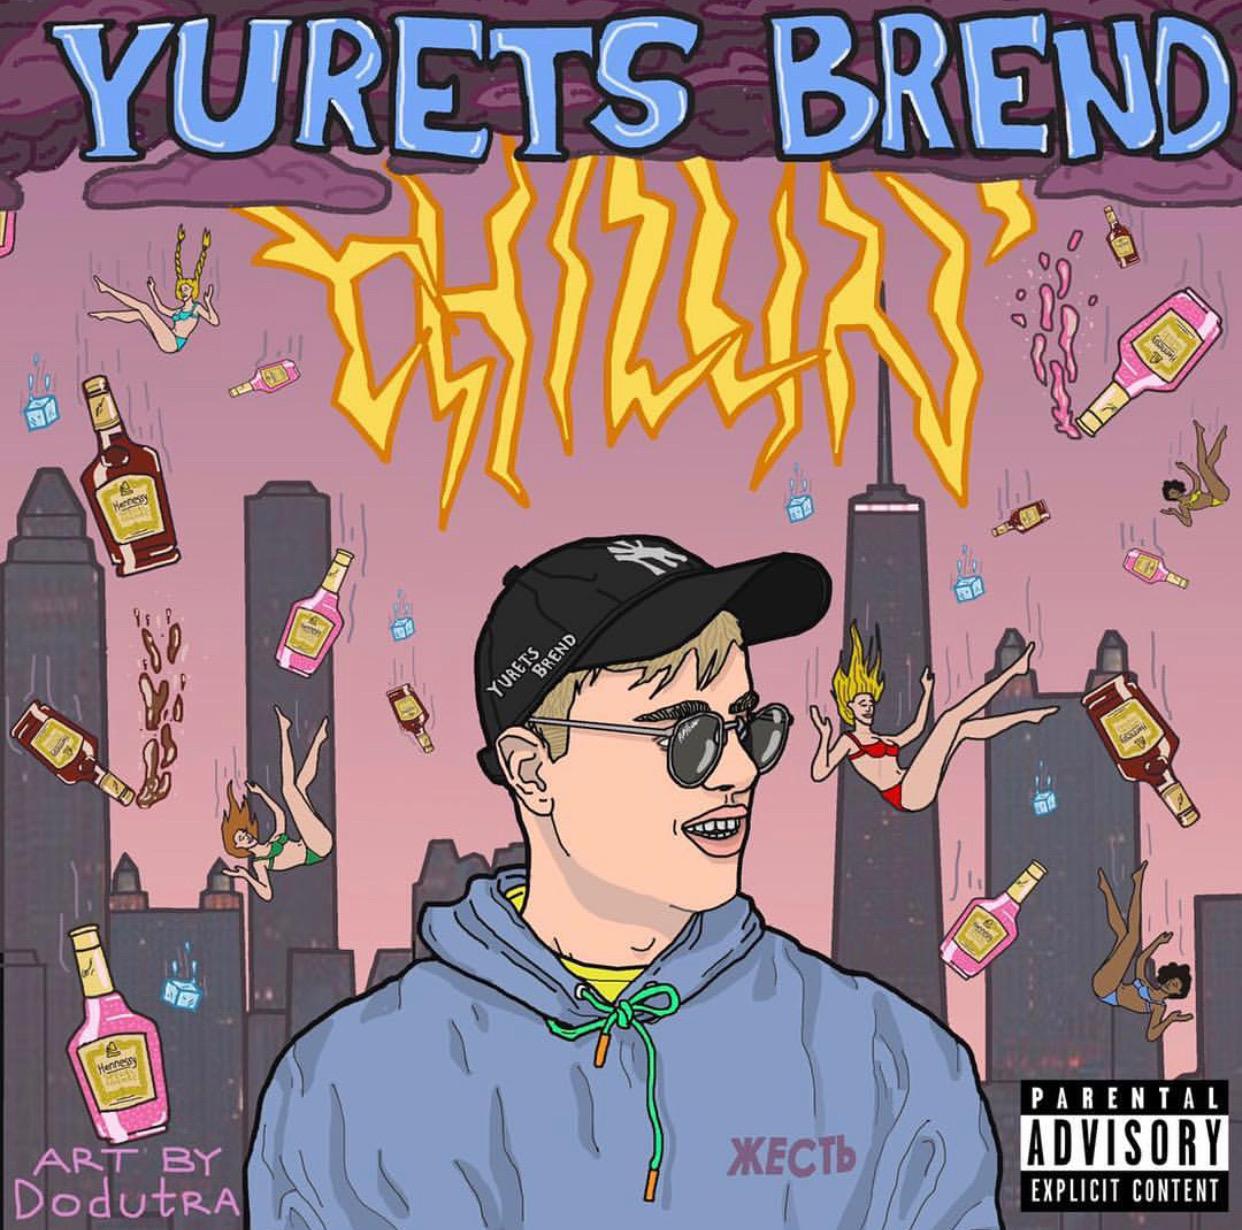 Yurets Brend